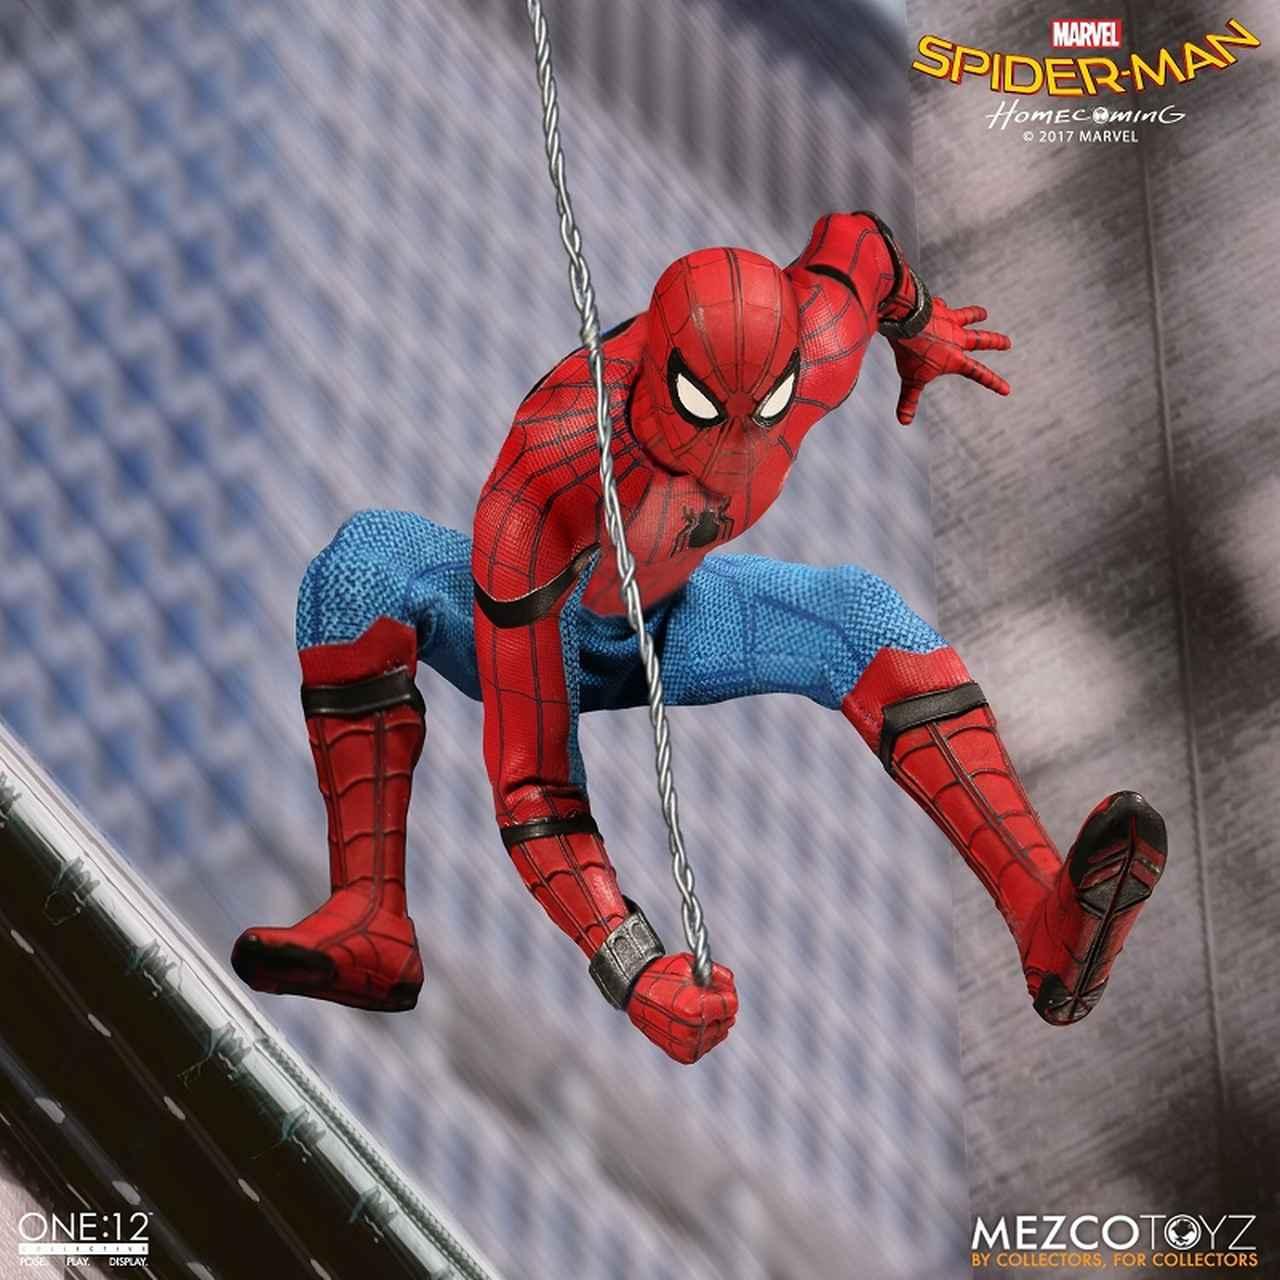 画像3: 若いスパイディ用の新型の細身ボディ素体、スパンデックス製のコスチュームなど、劇中で見せる姿を忠実に再現!  「スパイダーマン ホームカミング」 アクションフィギュア発売!